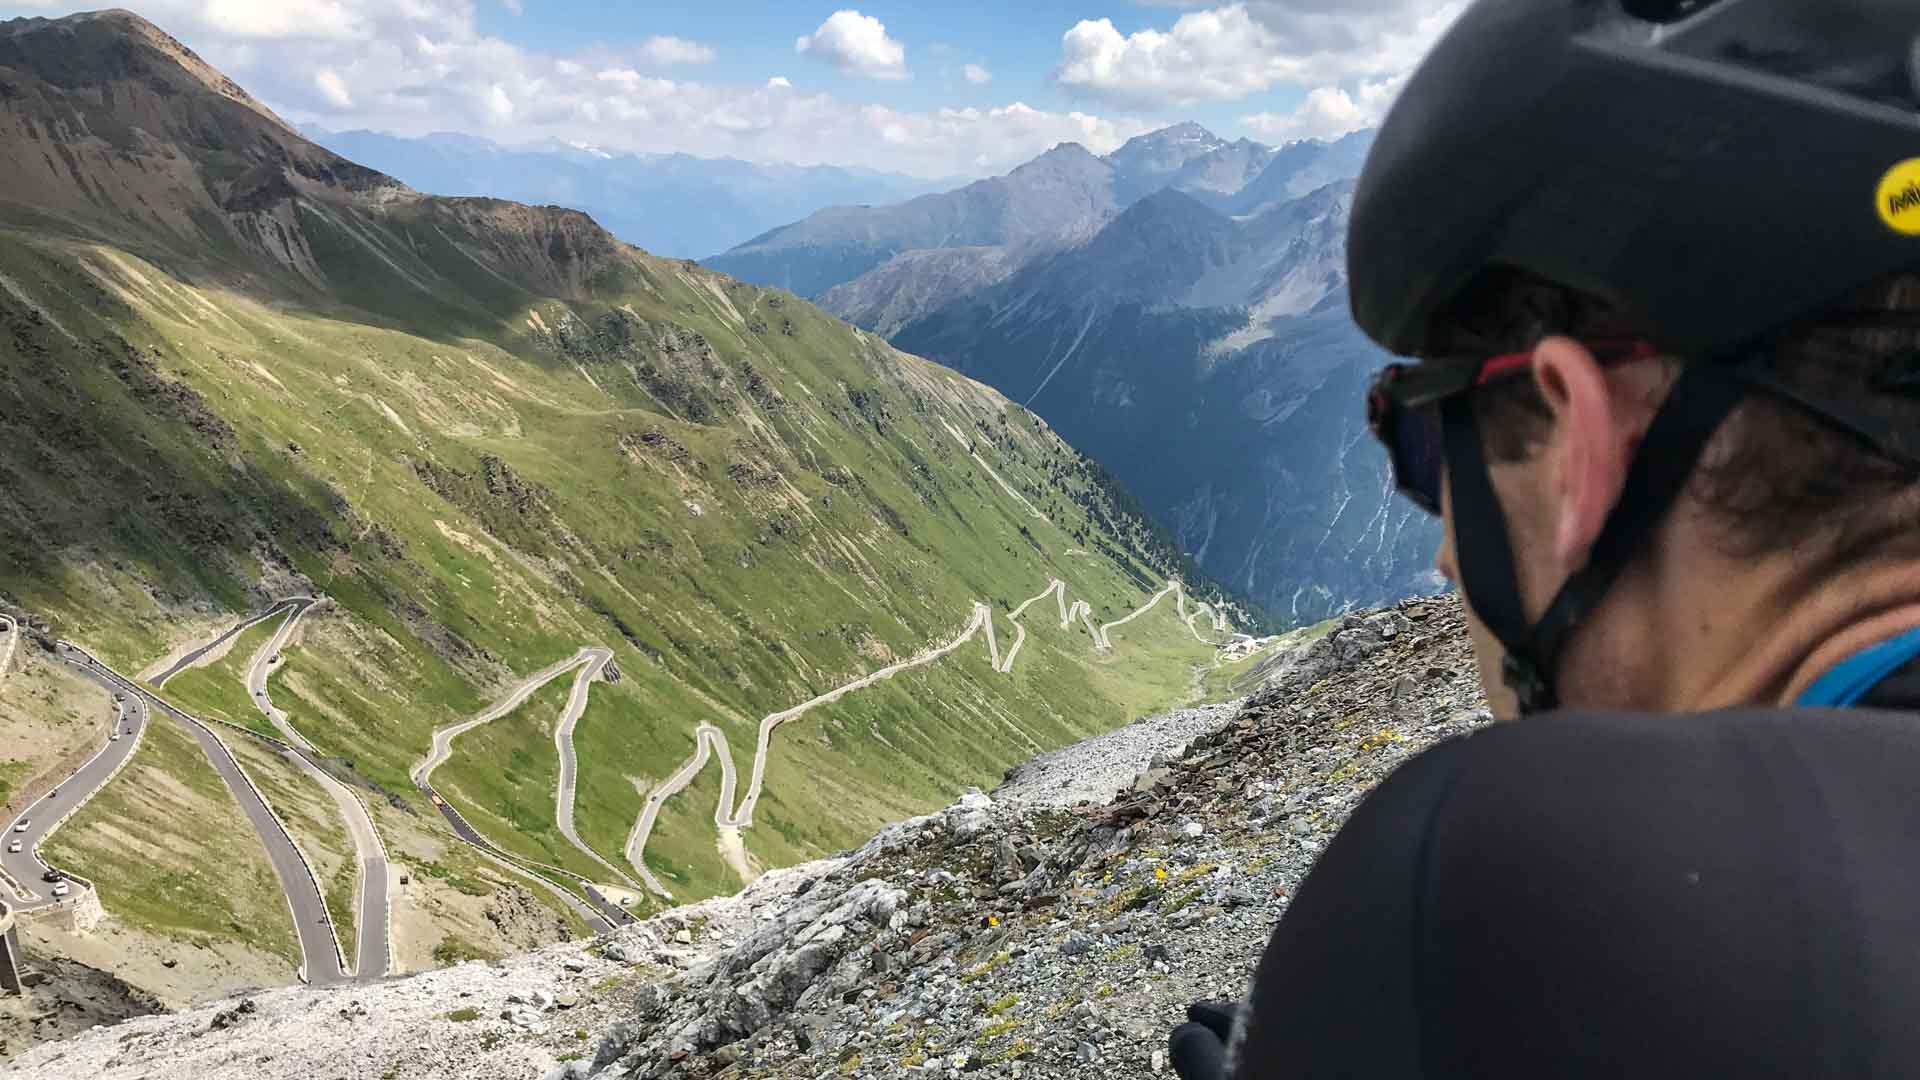 Passo dello Stelvio cycling cyclist admires view from top of Passo dello Stelvio